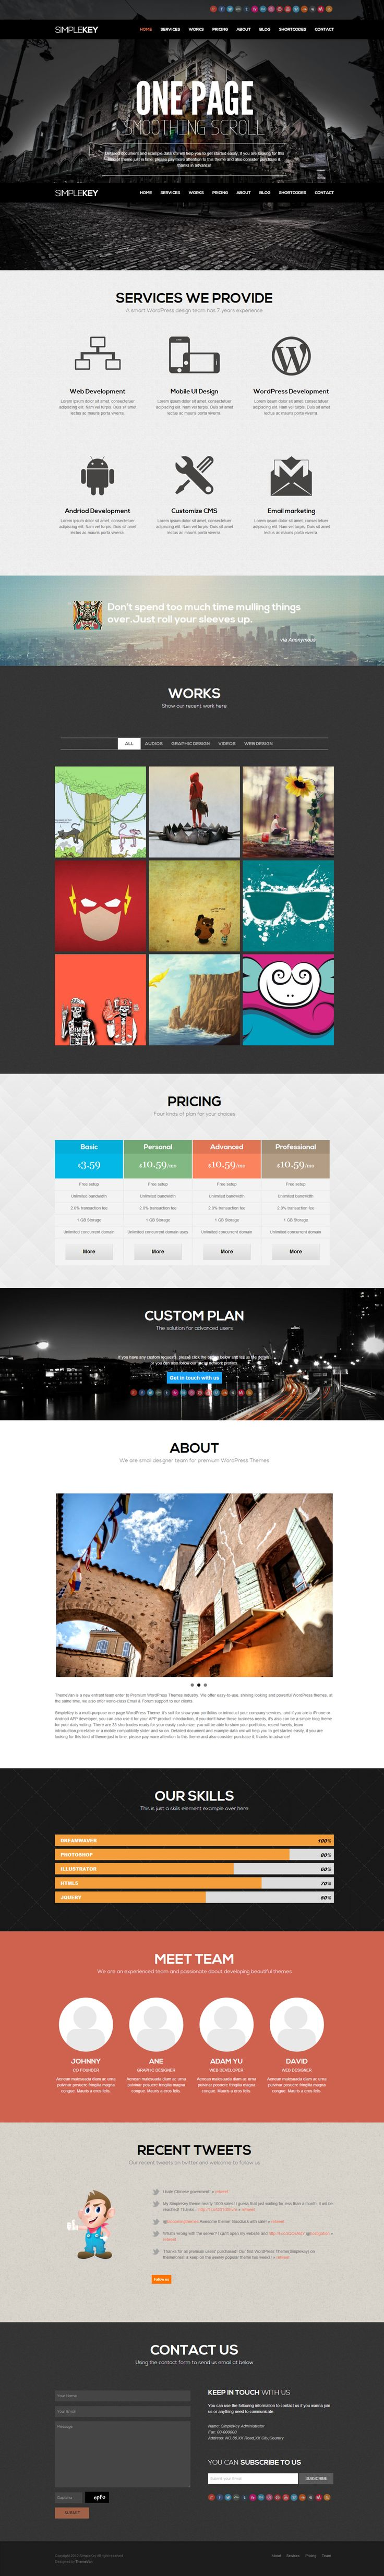 parallax design - SimpleKey - One Page Portfolio #WordPress Theme